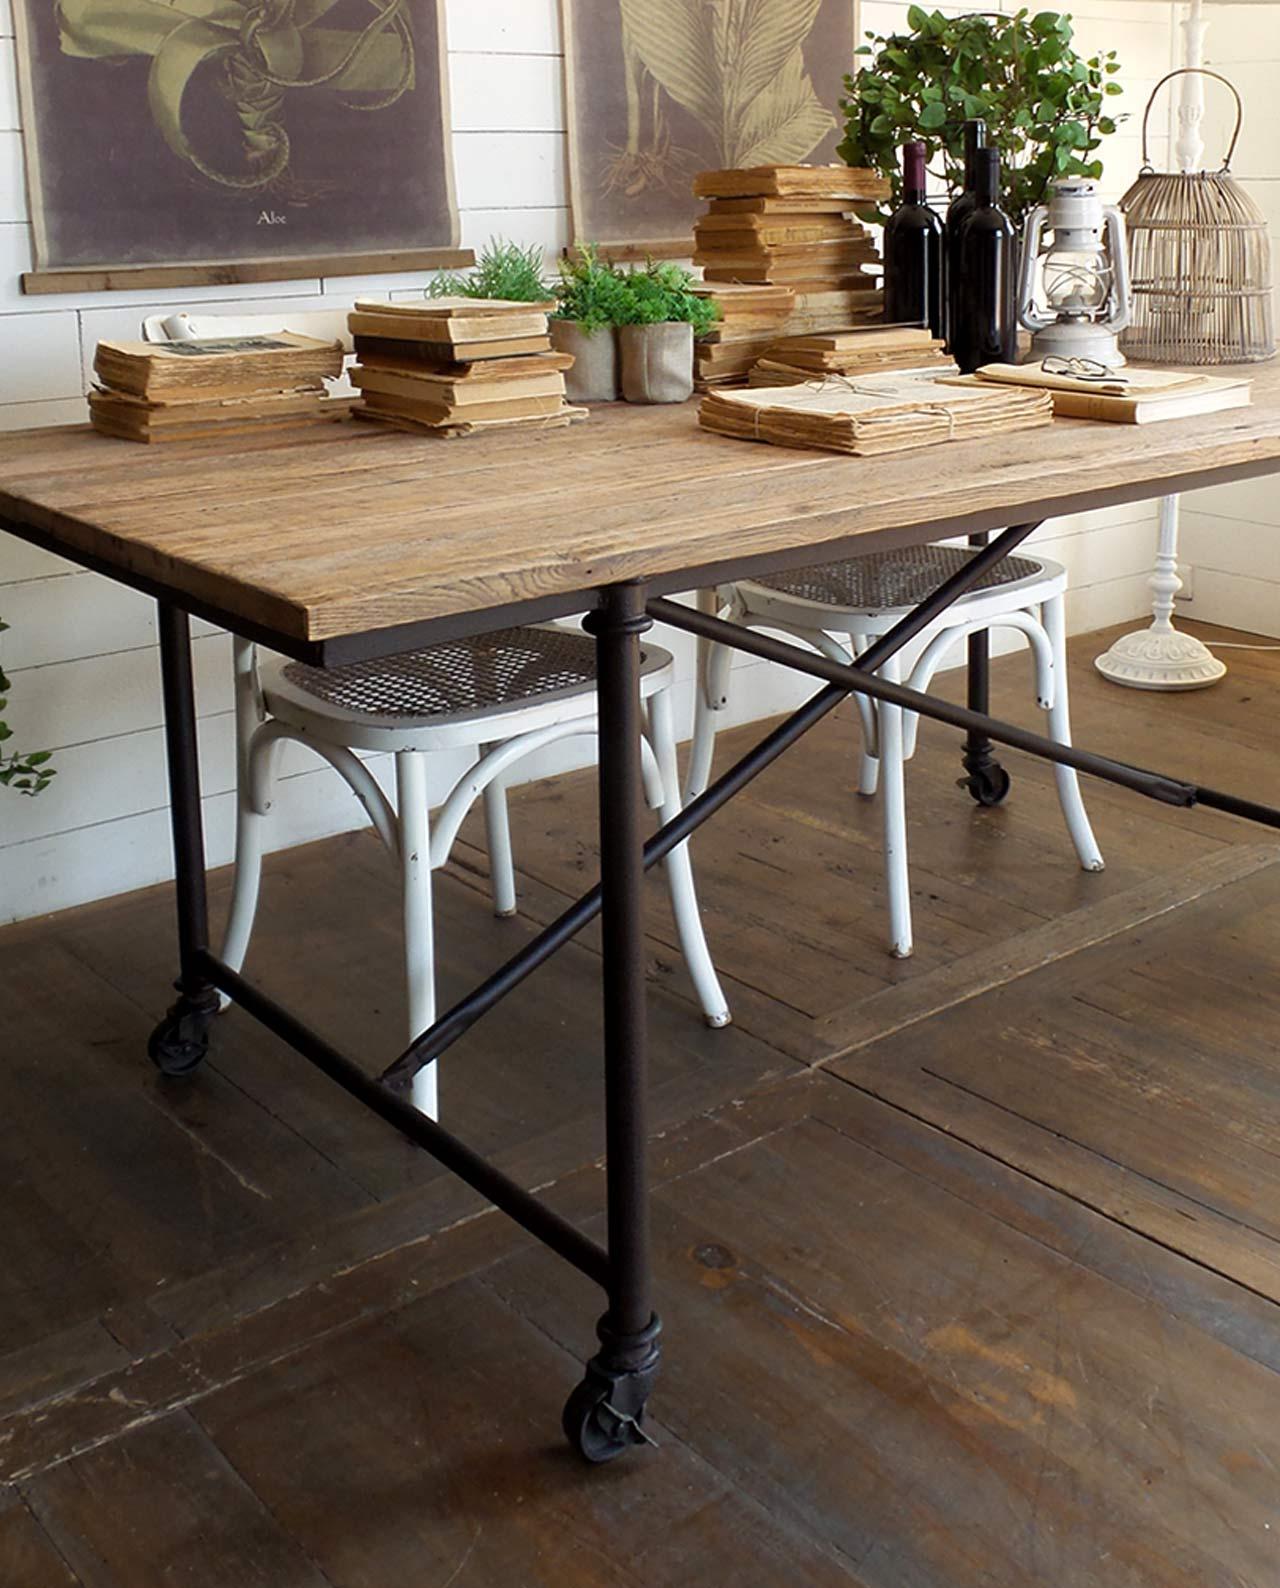 Tavolo industrial ferro battuto e legno con ruote - Mobilia Store ...